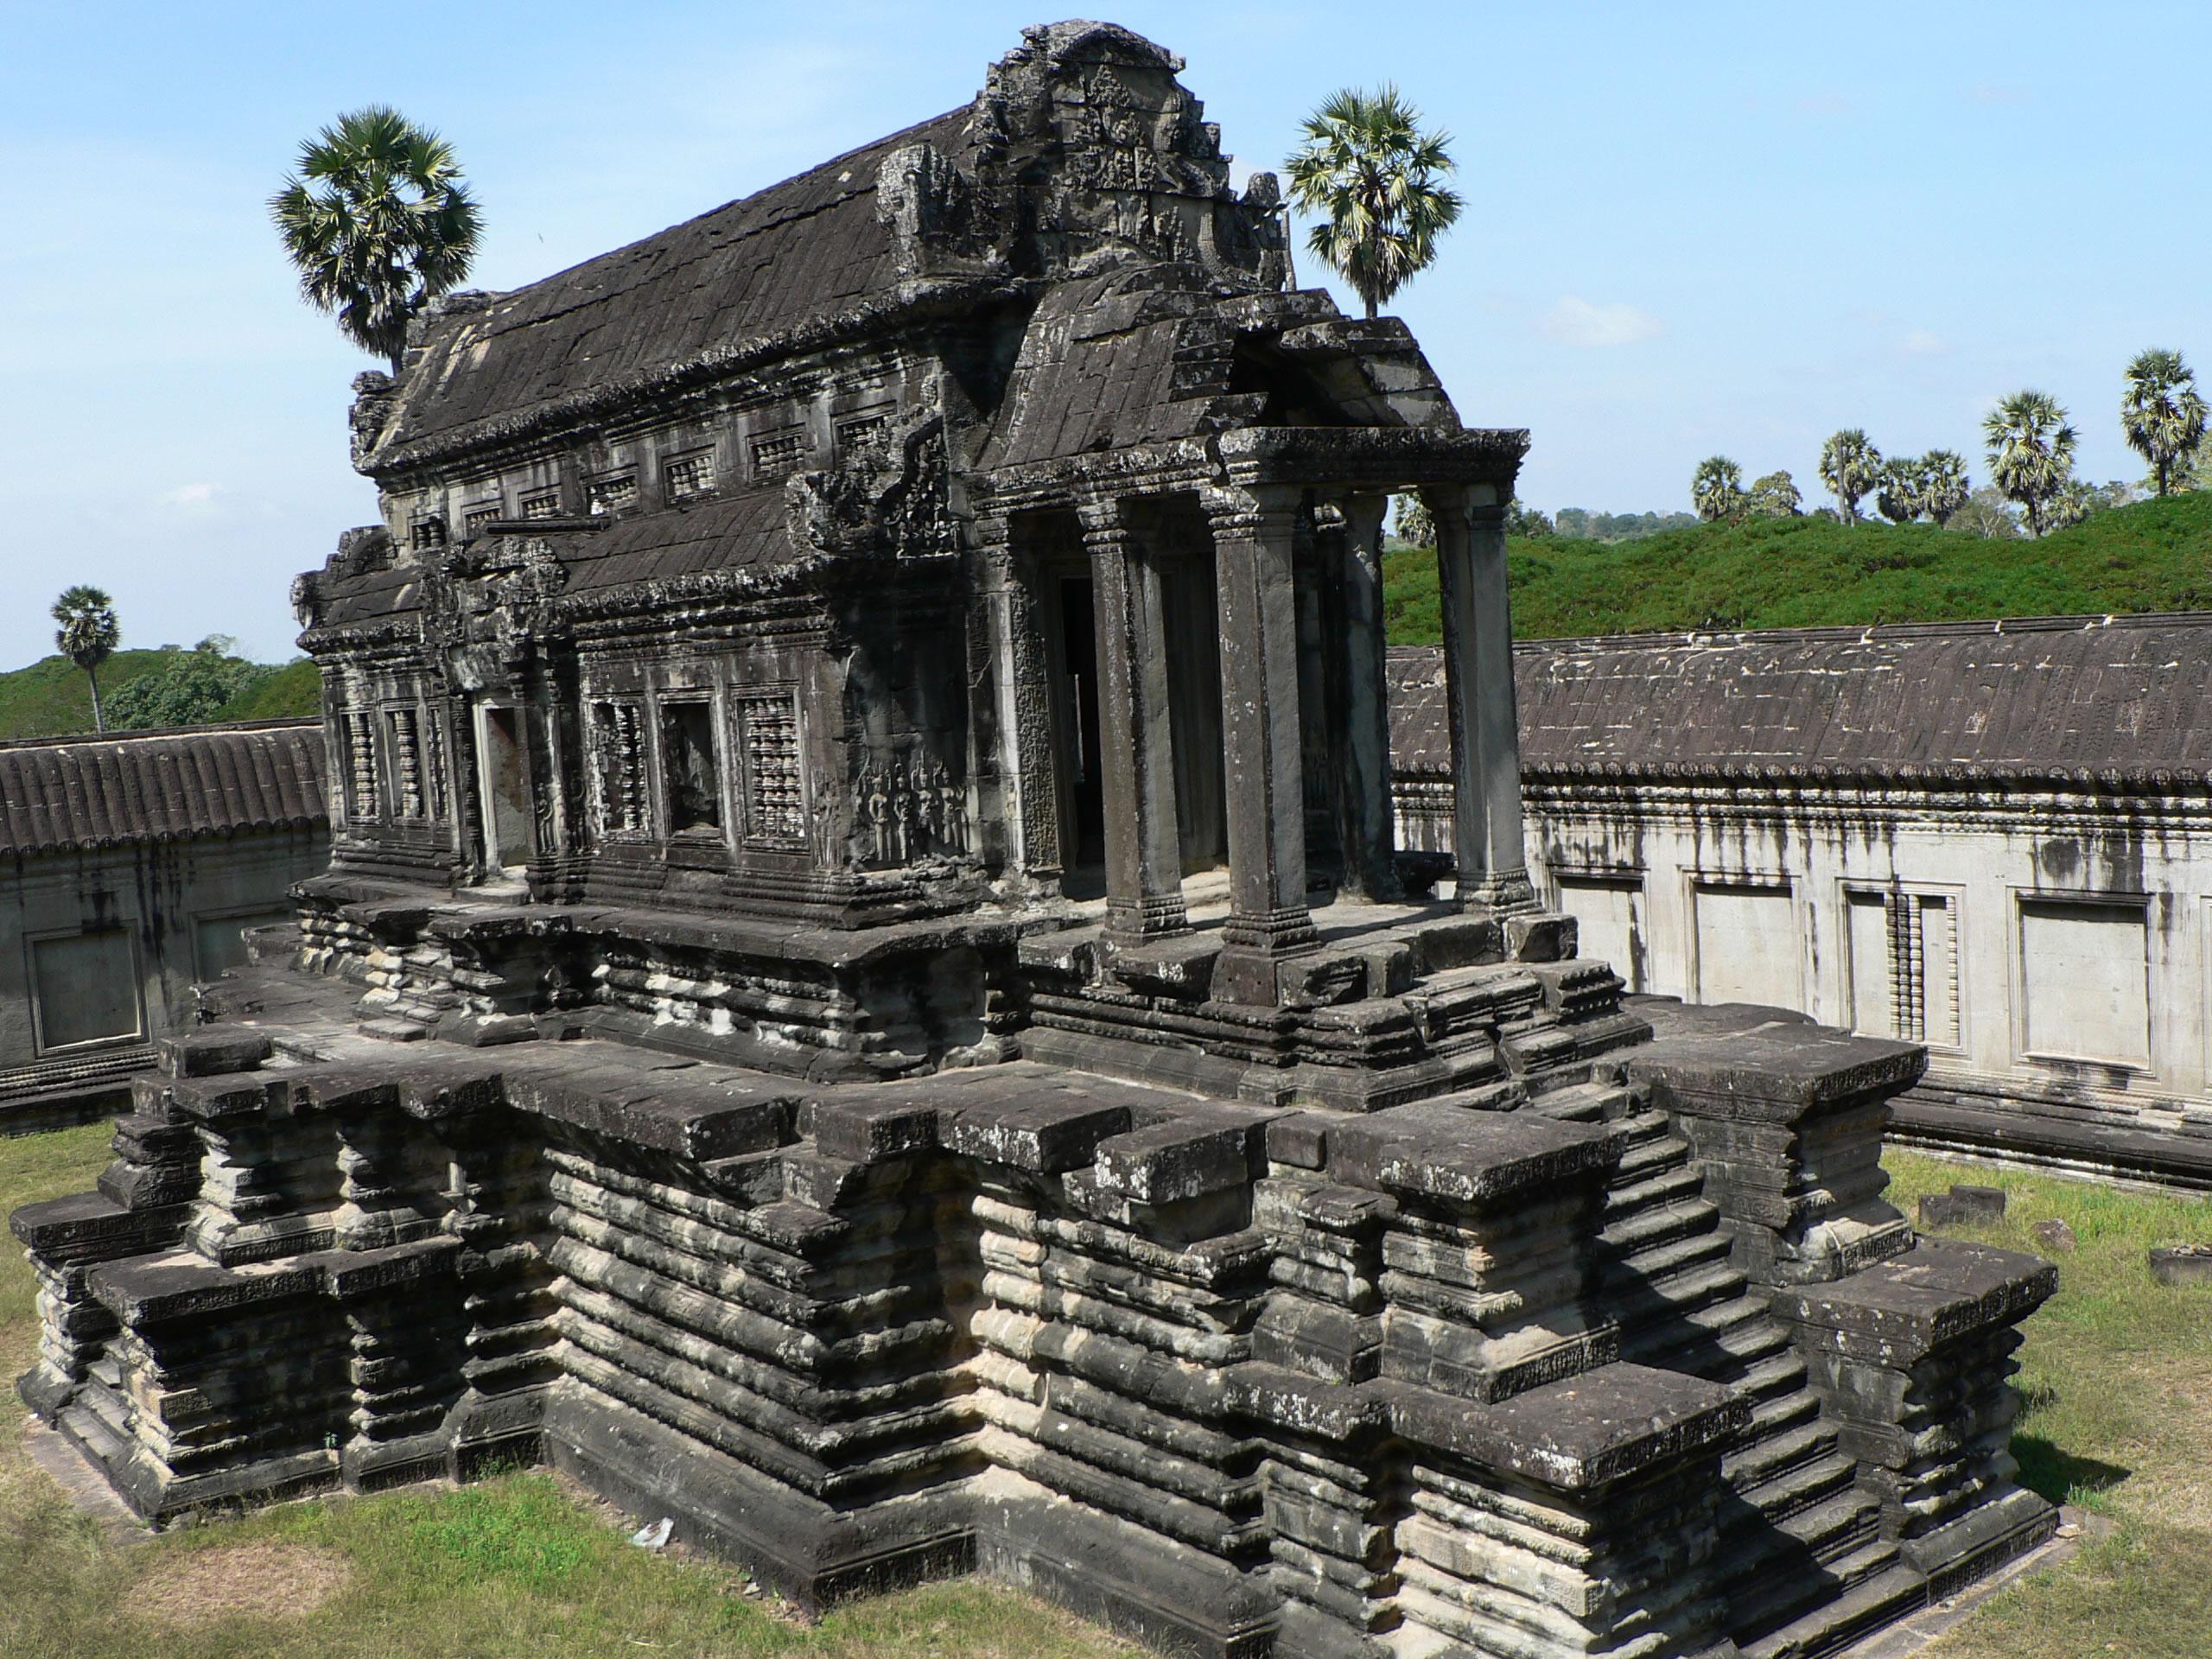 Quần thể kiến trúc Angkor được UNESCO công nhận là di sản văn hóa thế giới vào năm 1992, được chính phủ Đức hỗ trợ bảo tồn.